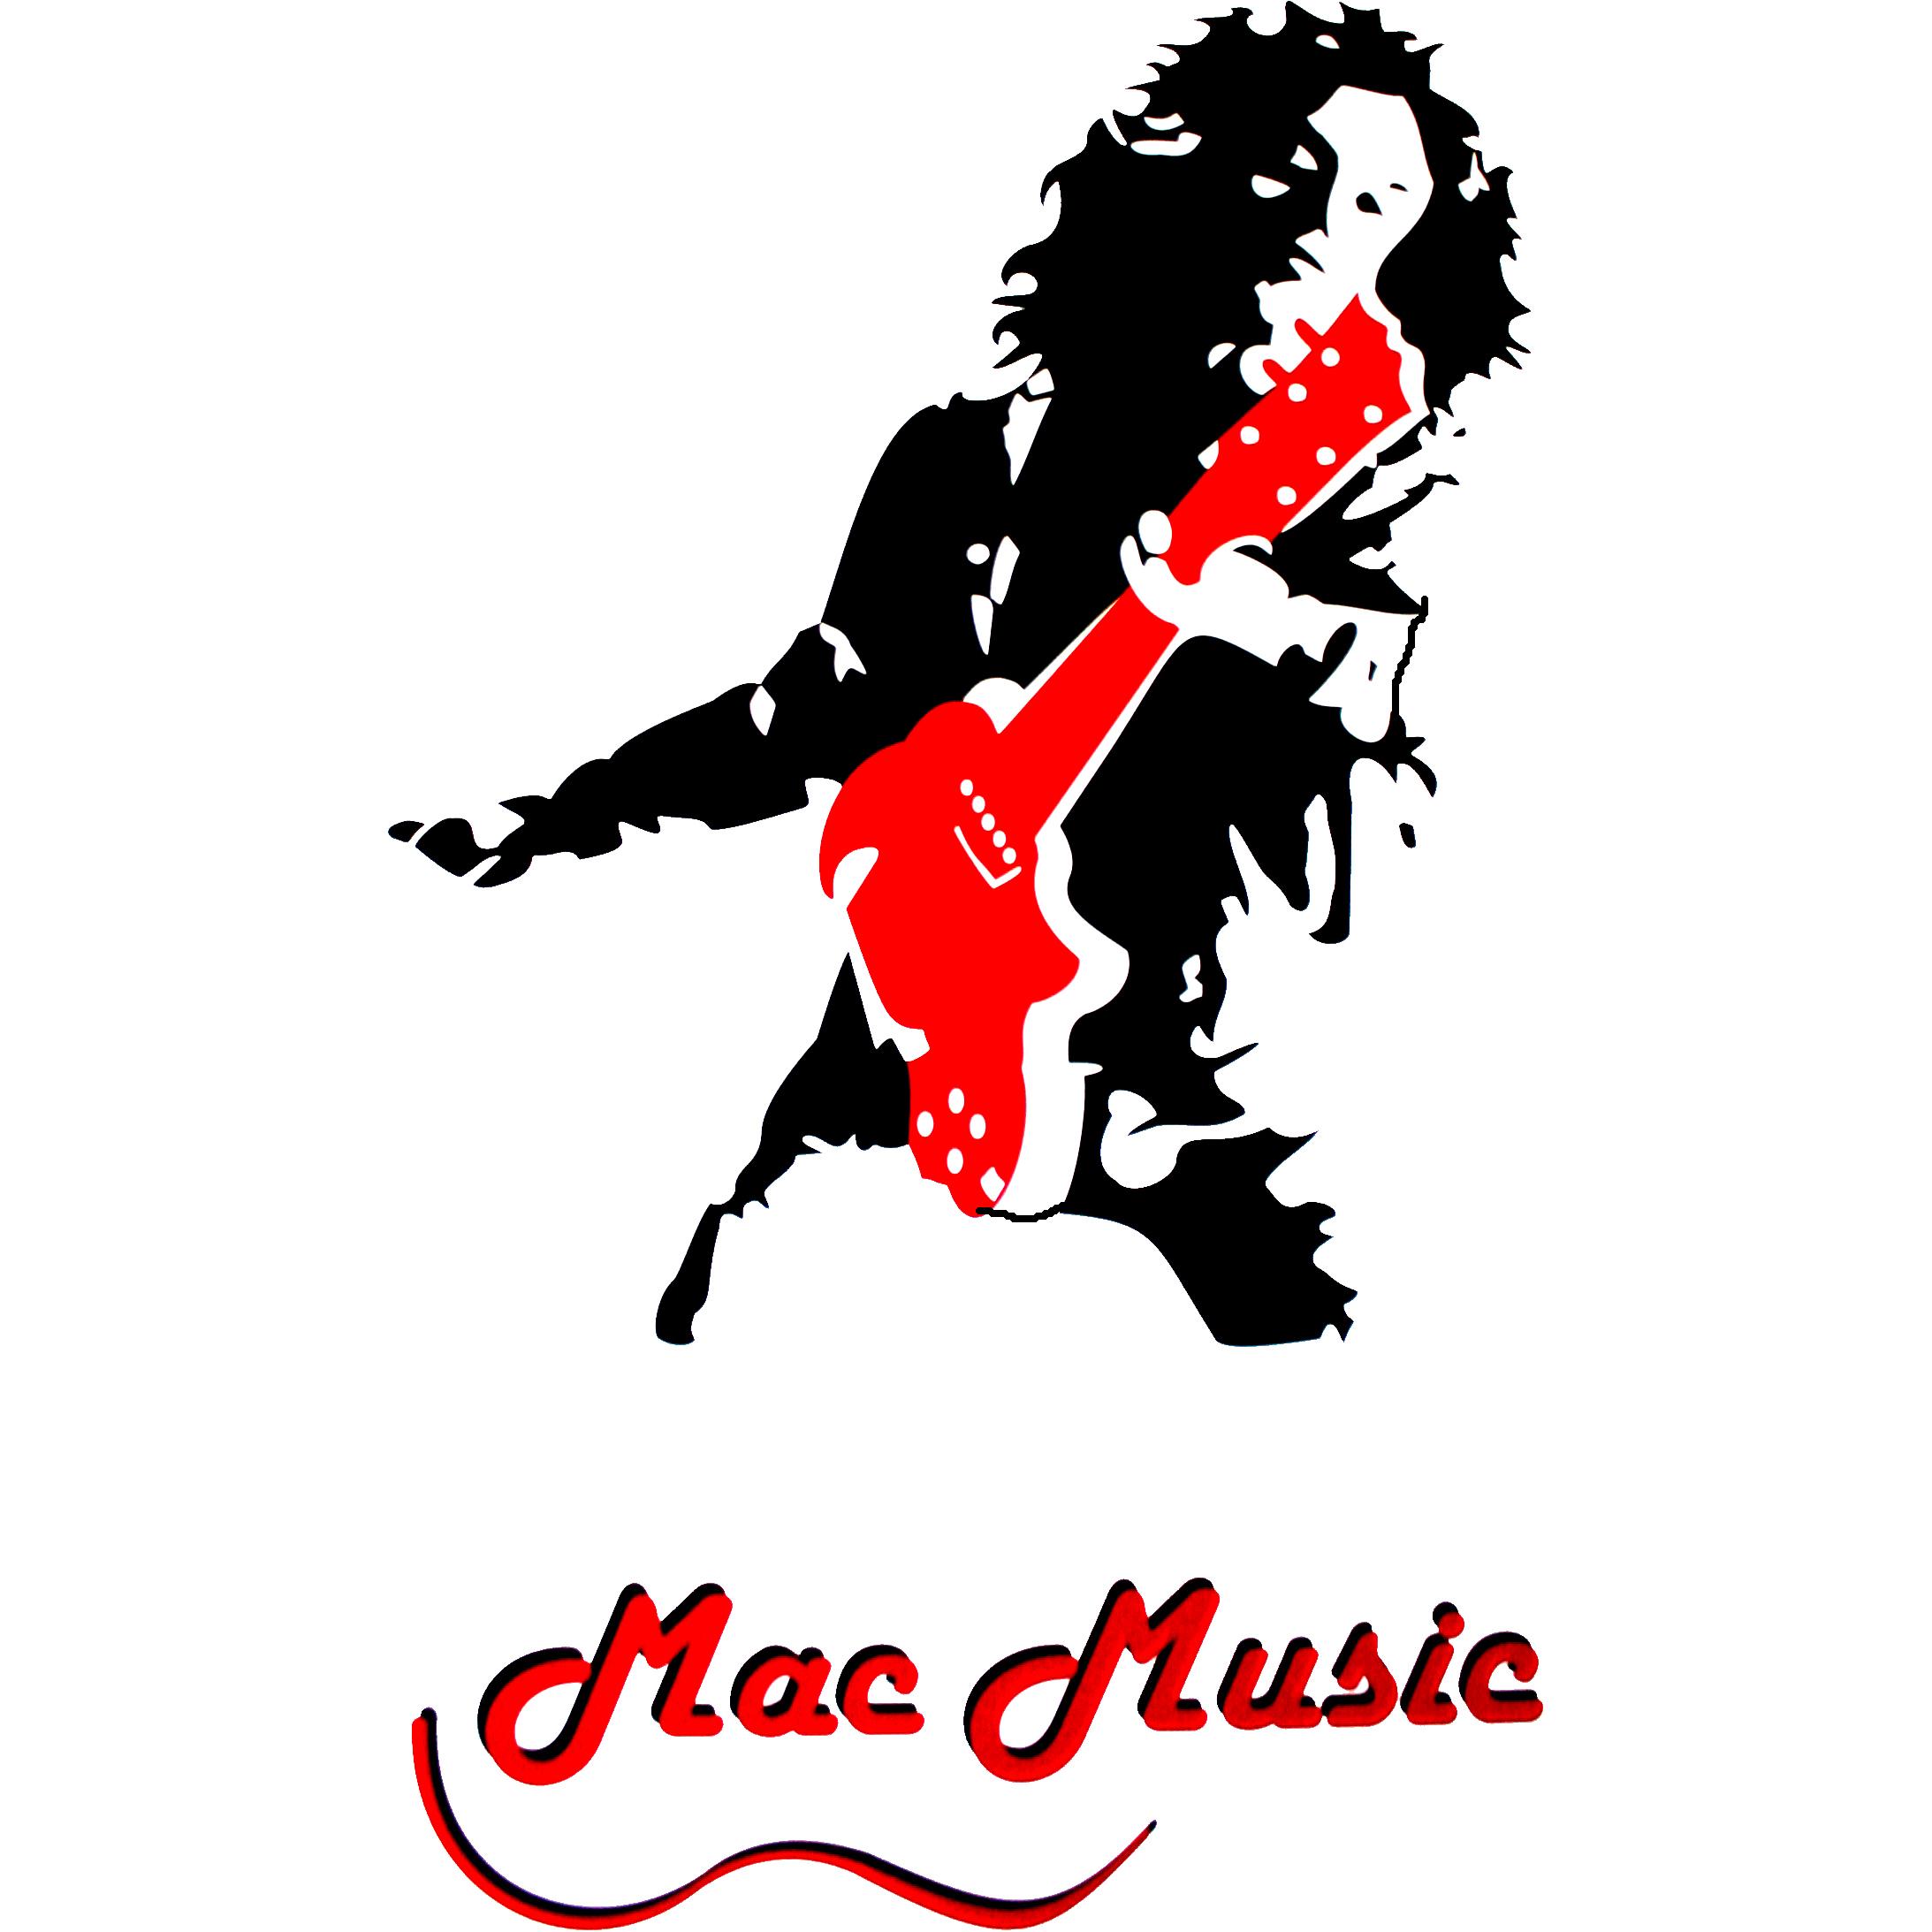 Mac-Music